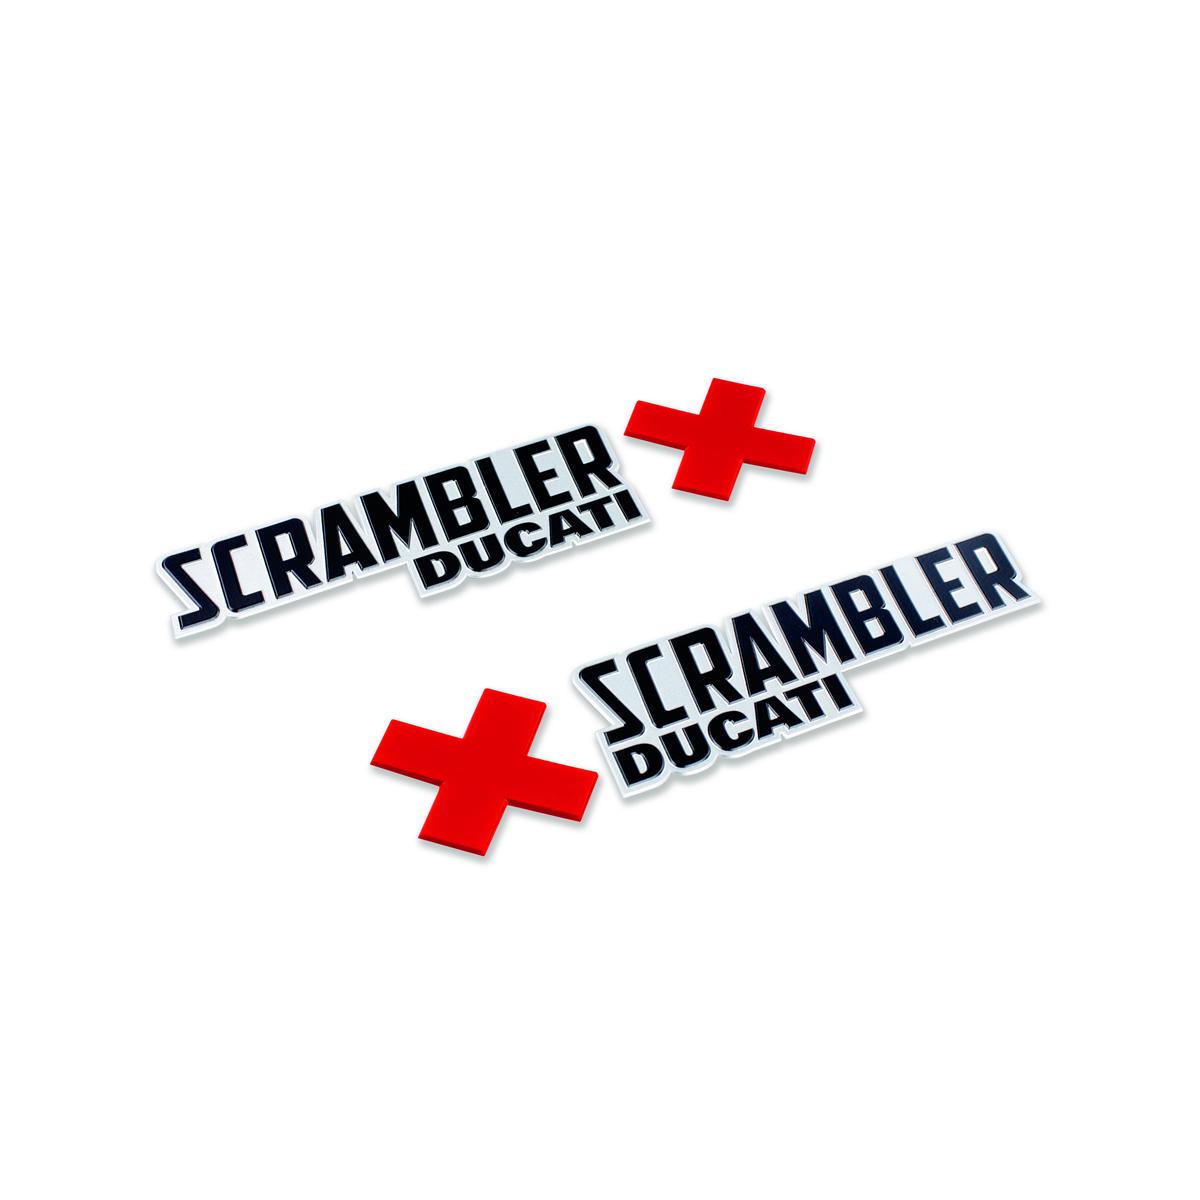 Set of Scrambler Urban Enduro logos.